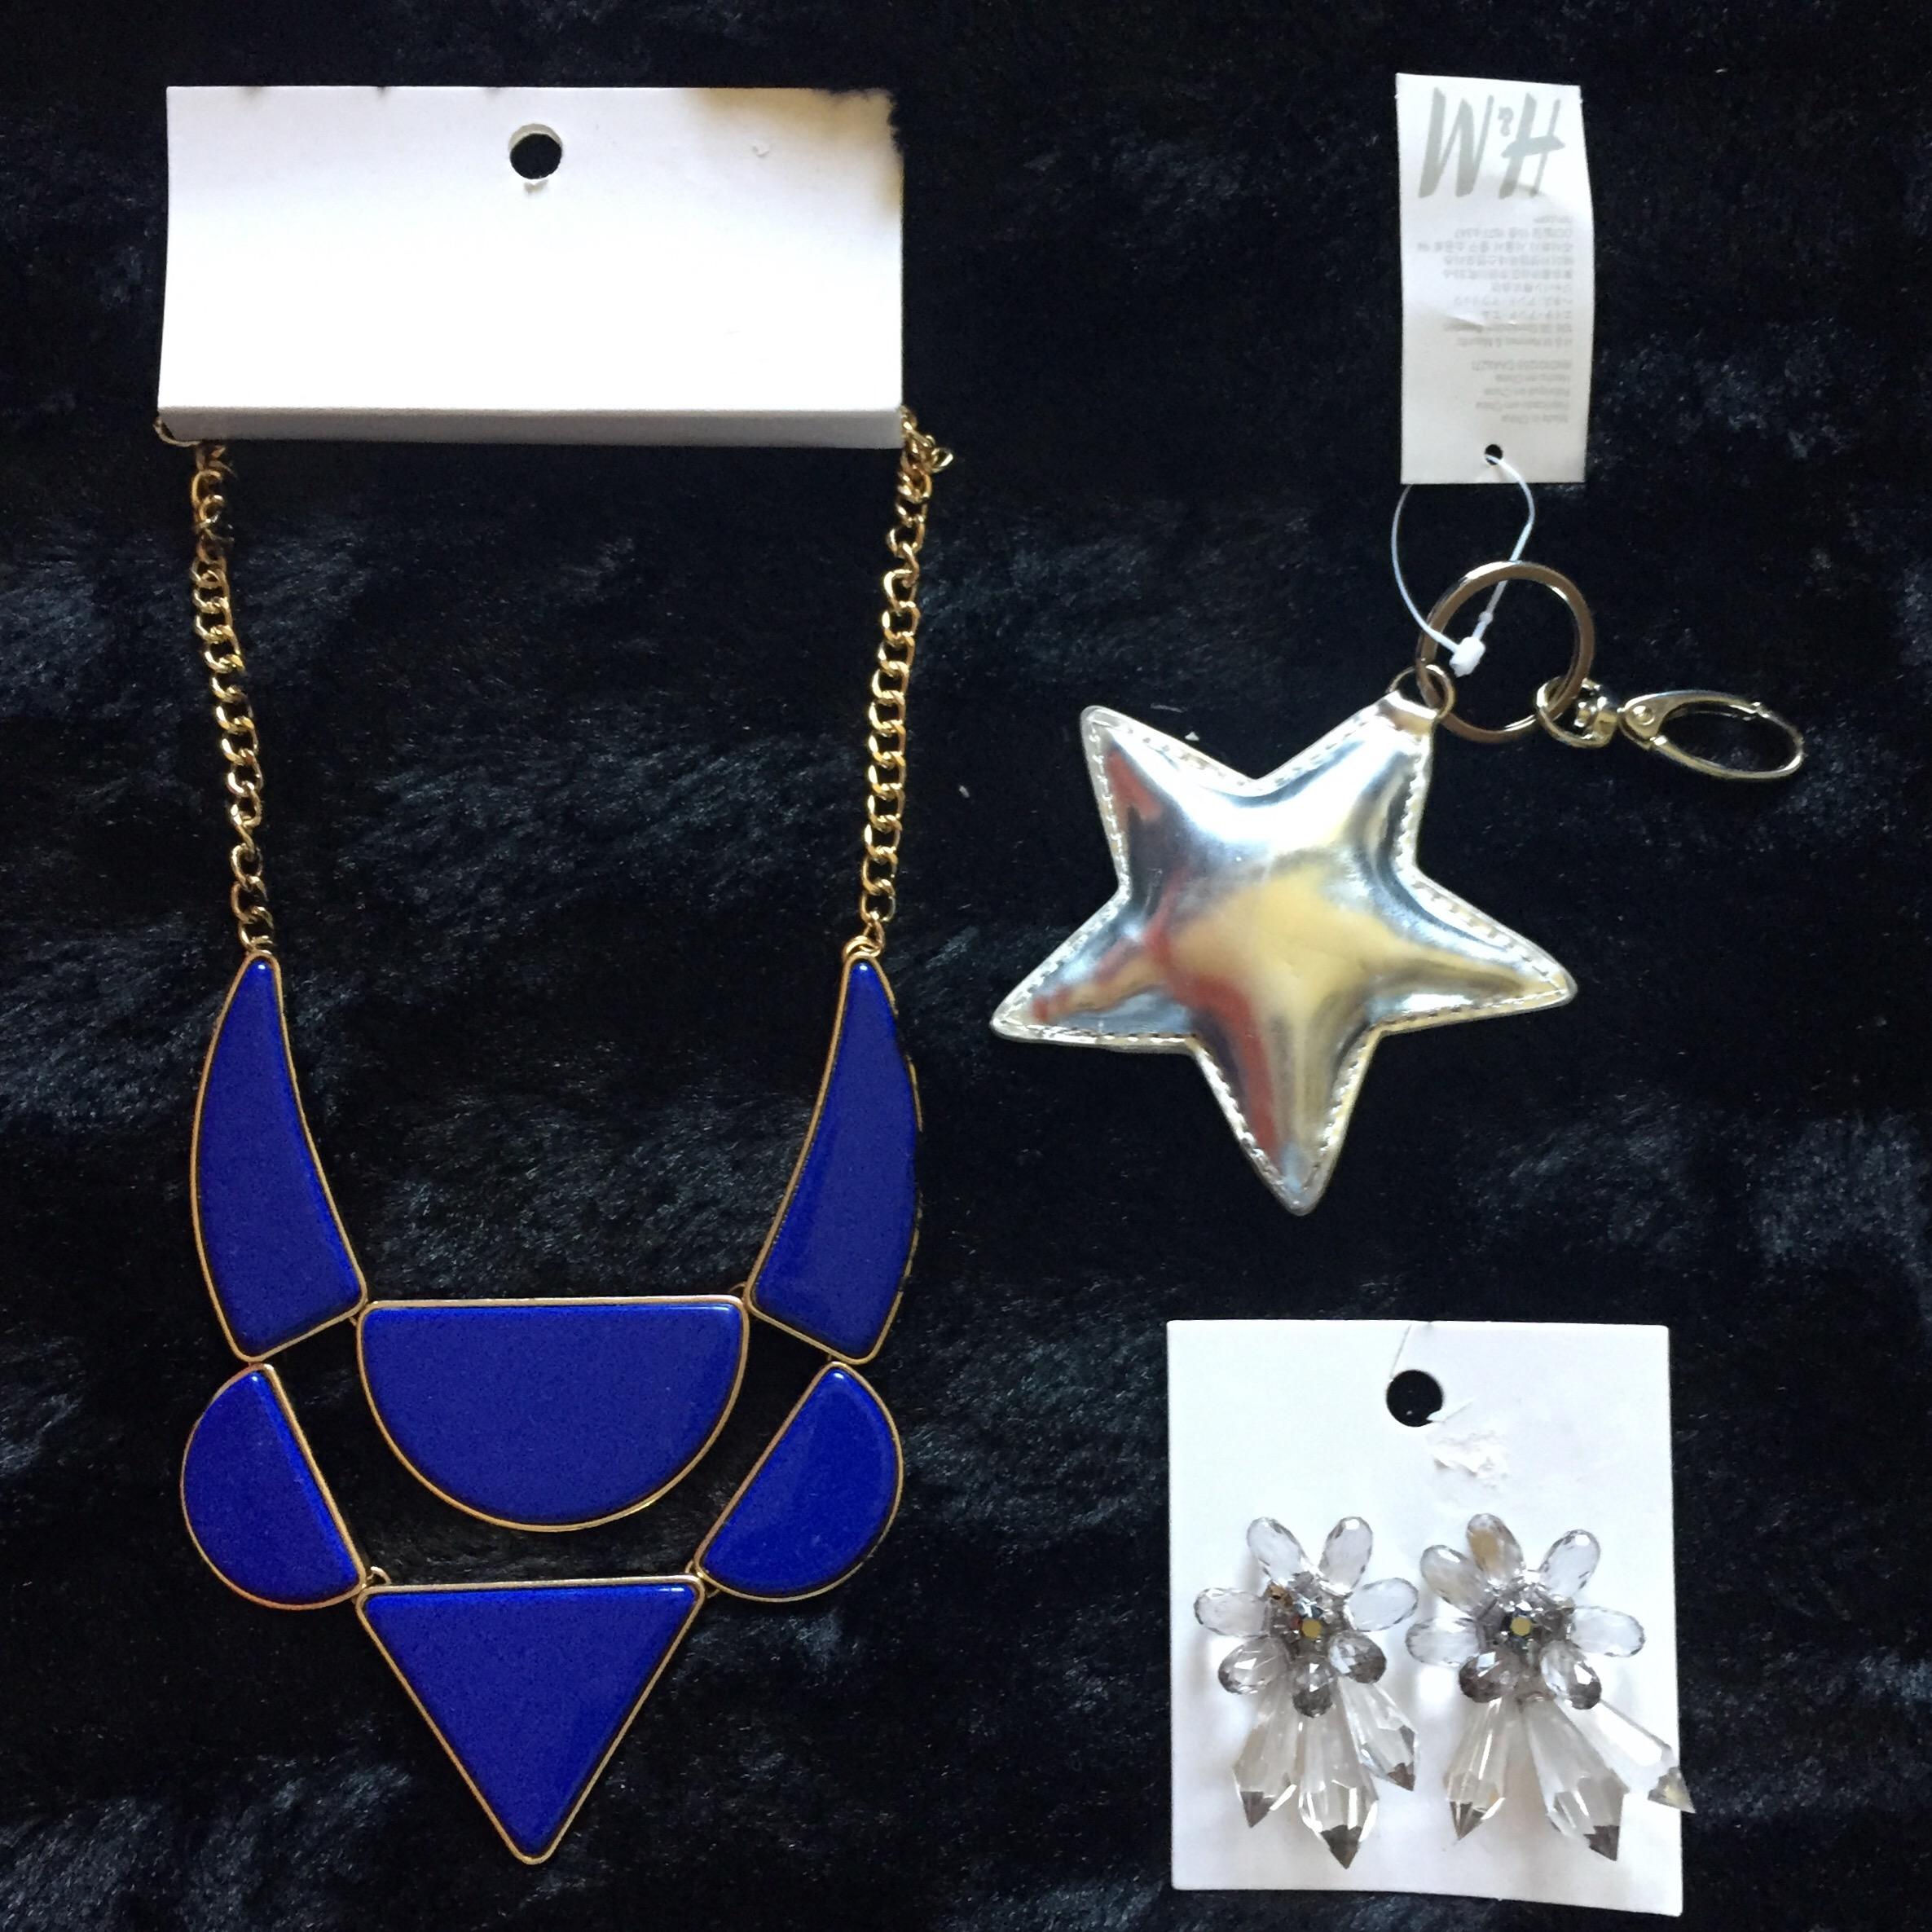 h&m haul via Always a Blue Sky Girl blog